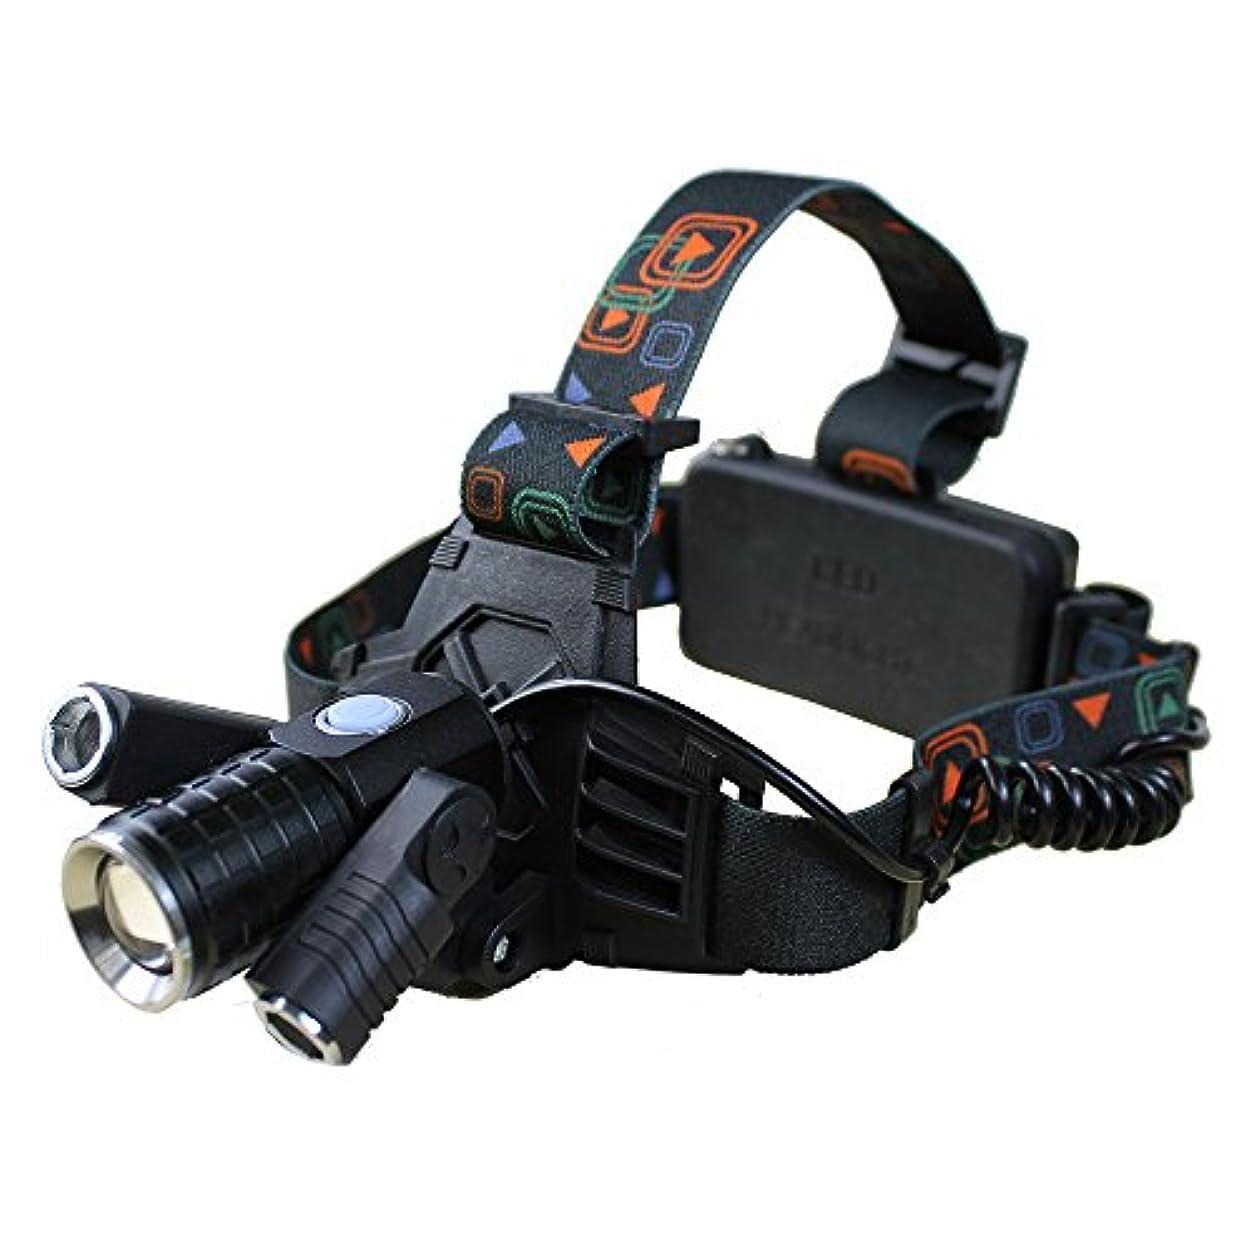 はっきりしない便宜郡LED ヘッドライト ヘッドランプ 充電式 CREE T6 3LED 可動 アウトドア 自転車